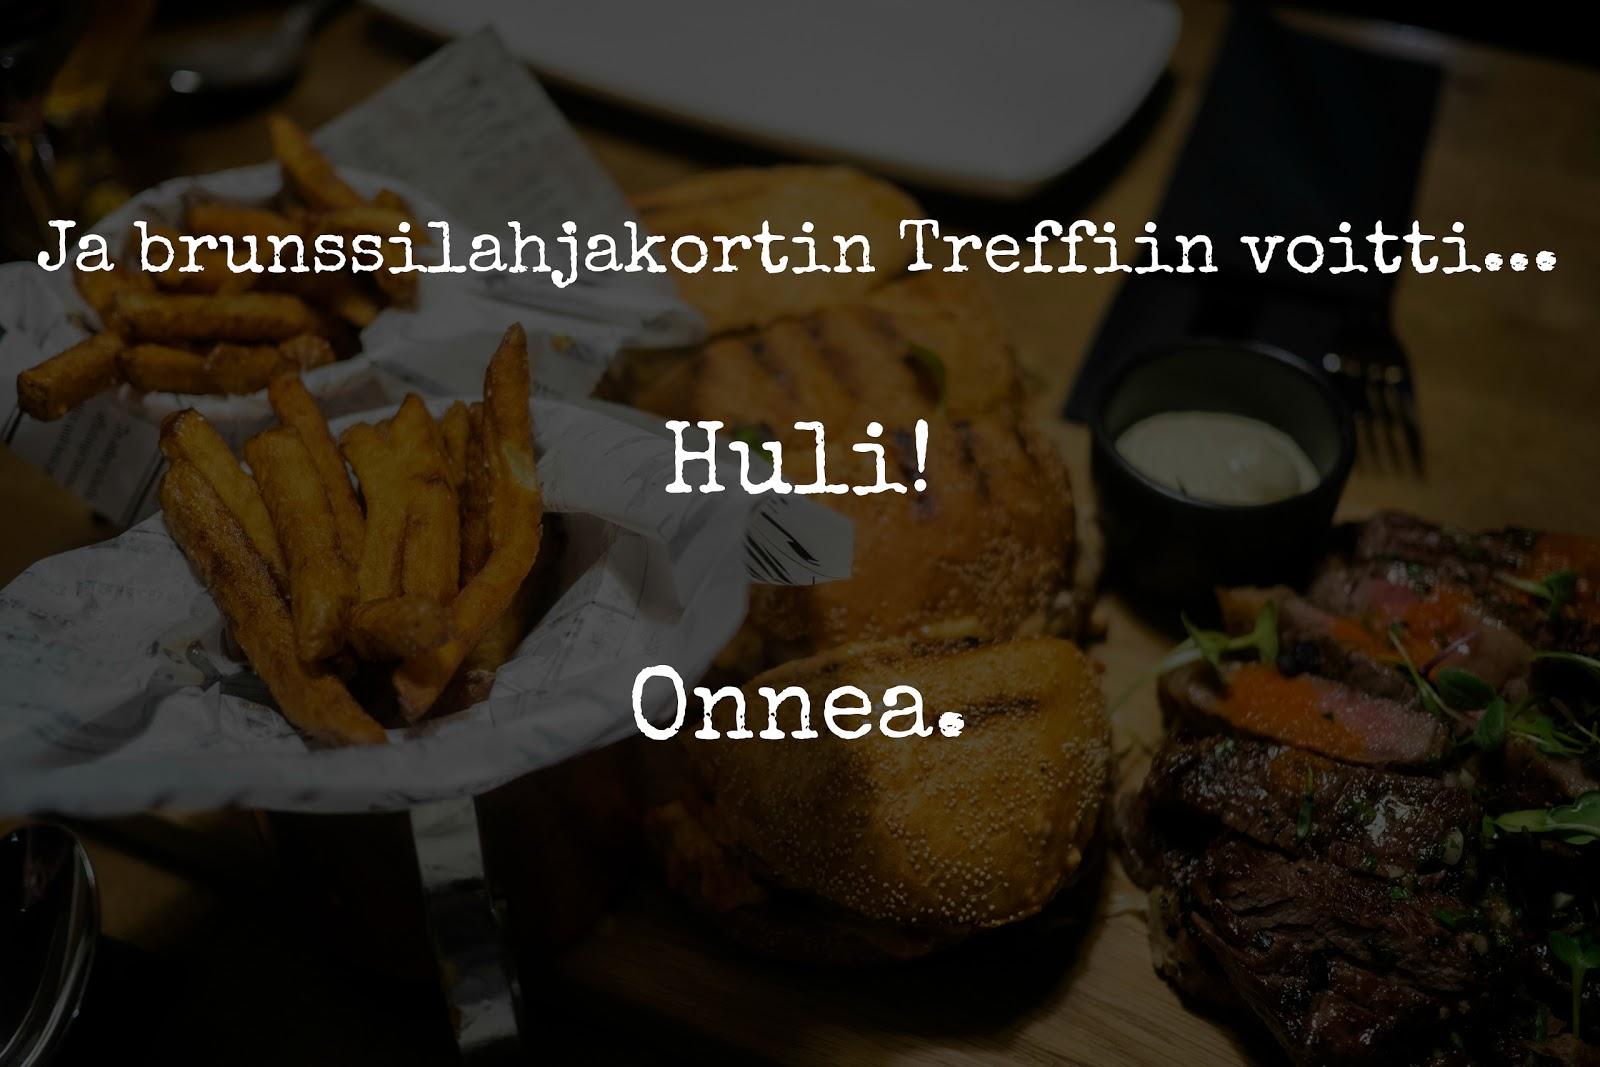 treffipub_burgeri_musta_voittaja-1